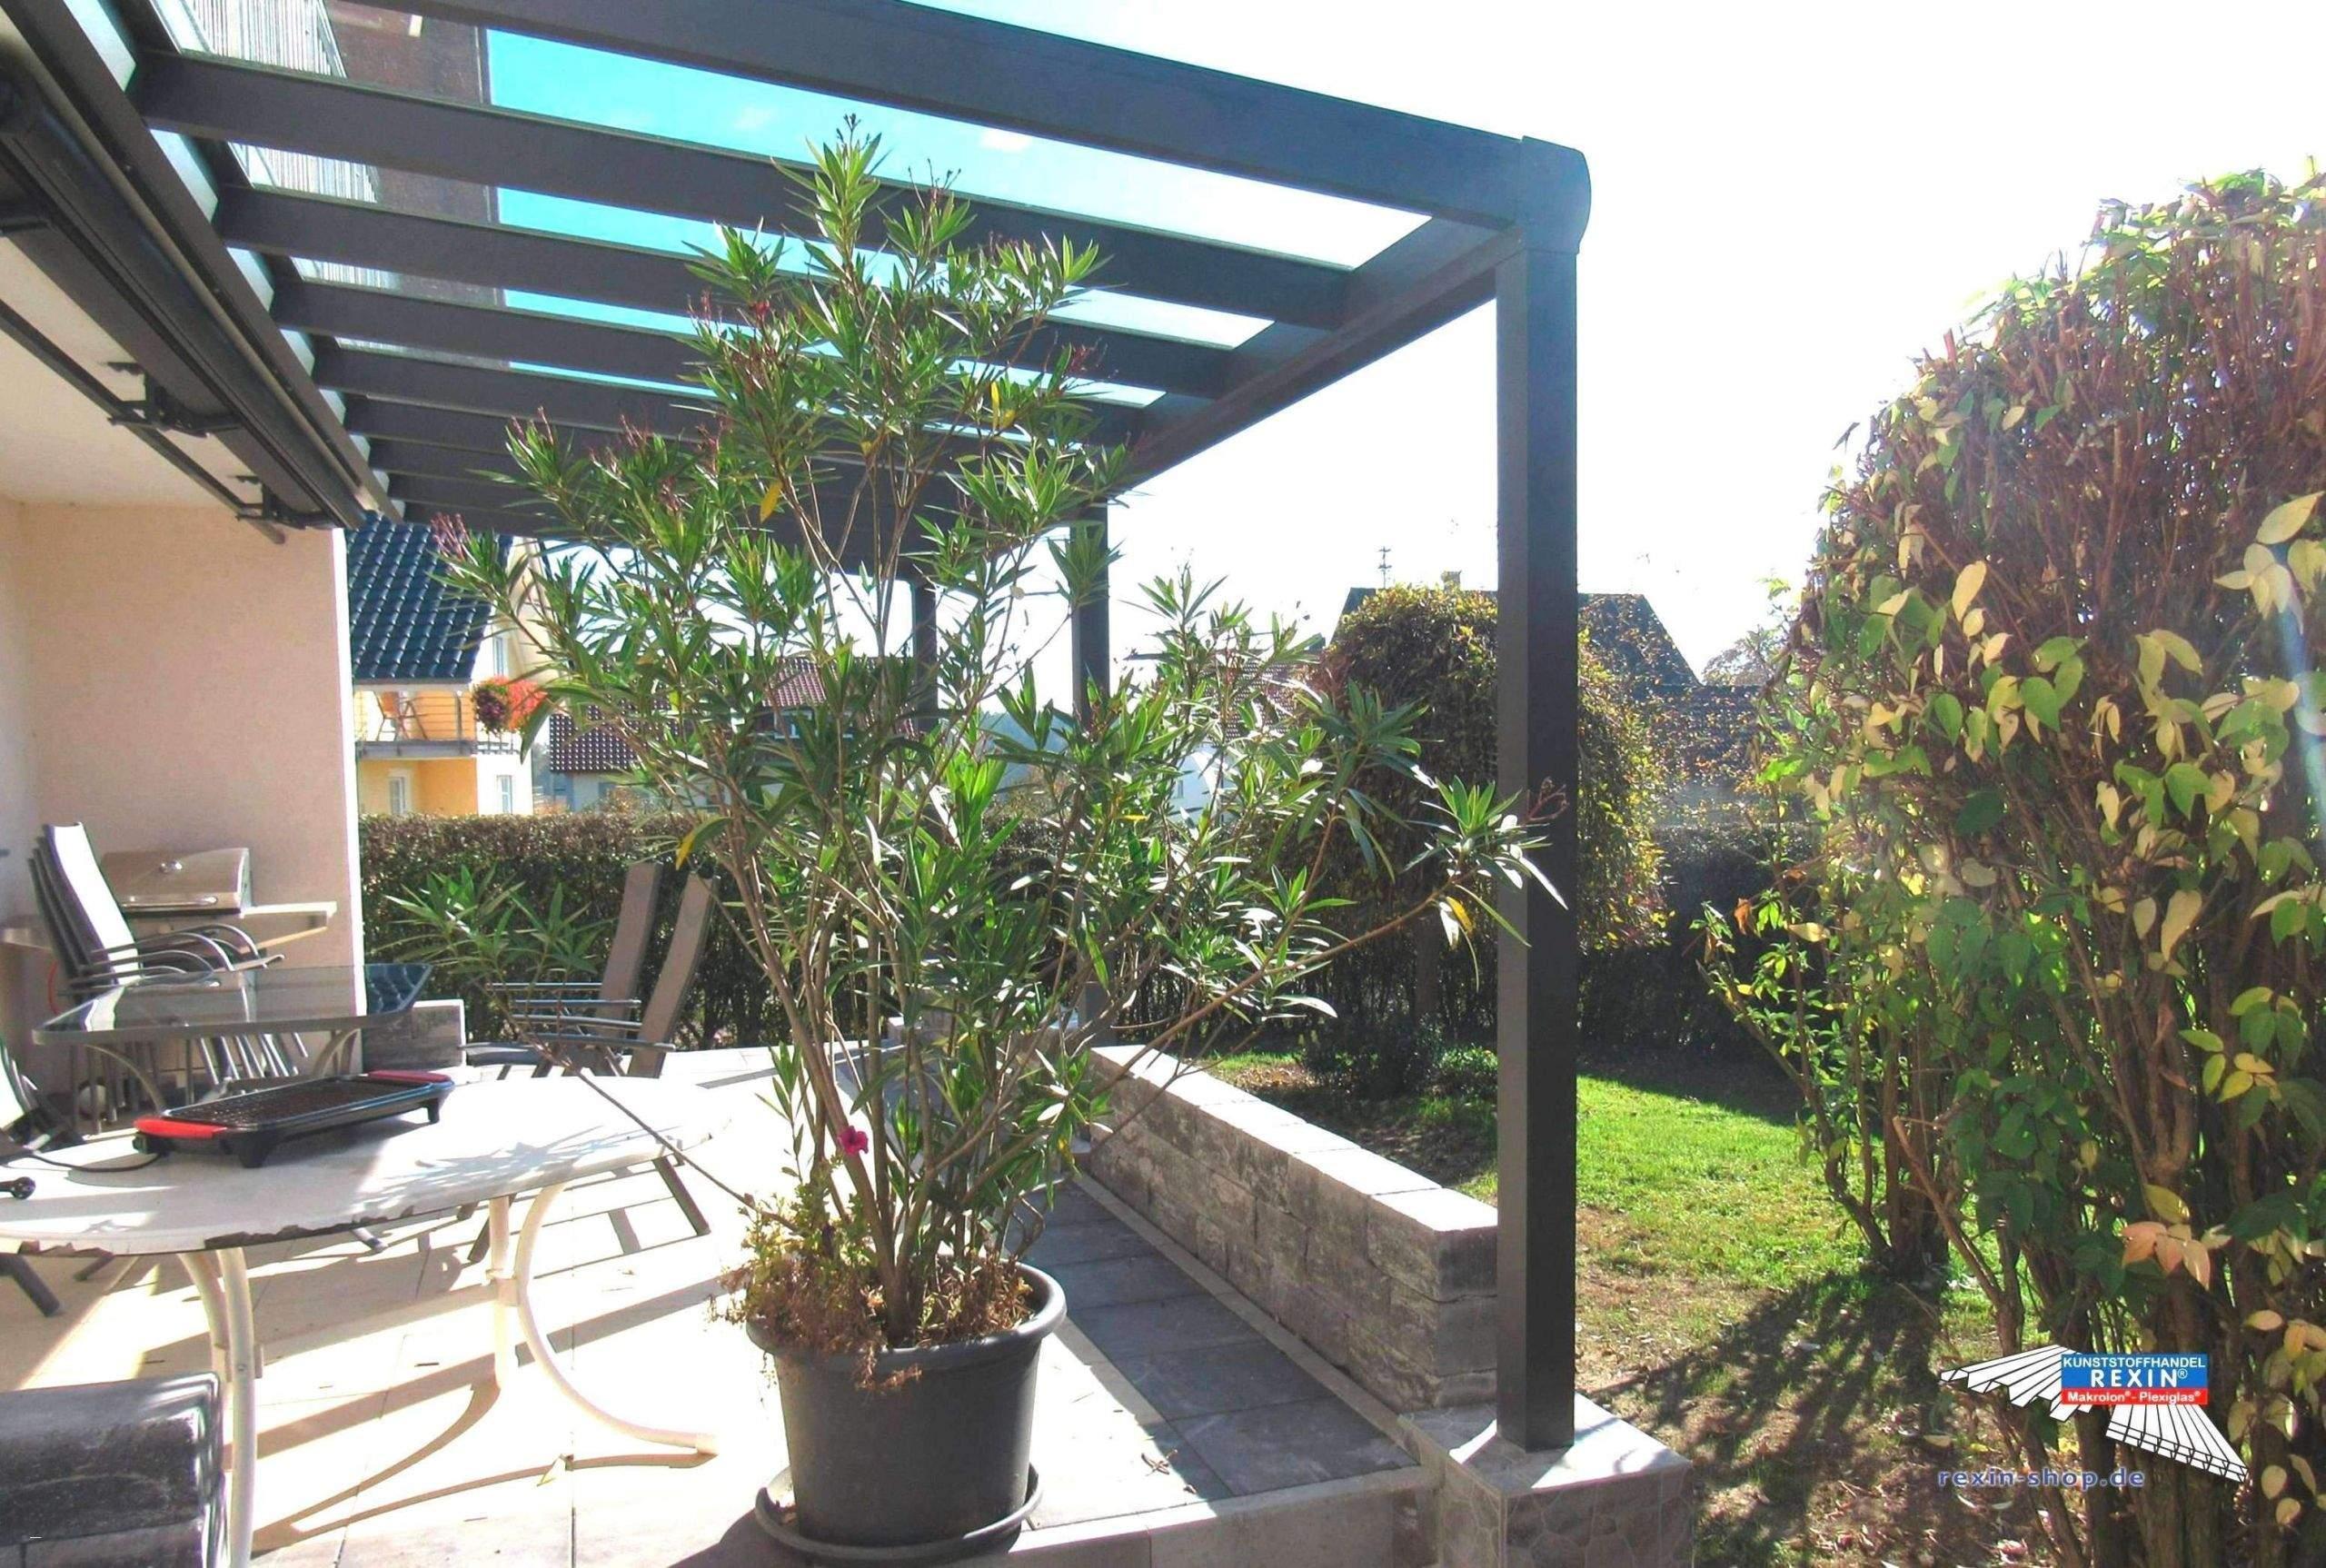 garten sichtschutz pflanzen inspirierend 30 reizend wohnzimmer pflanze schon of garten sichtschutz pflanzen